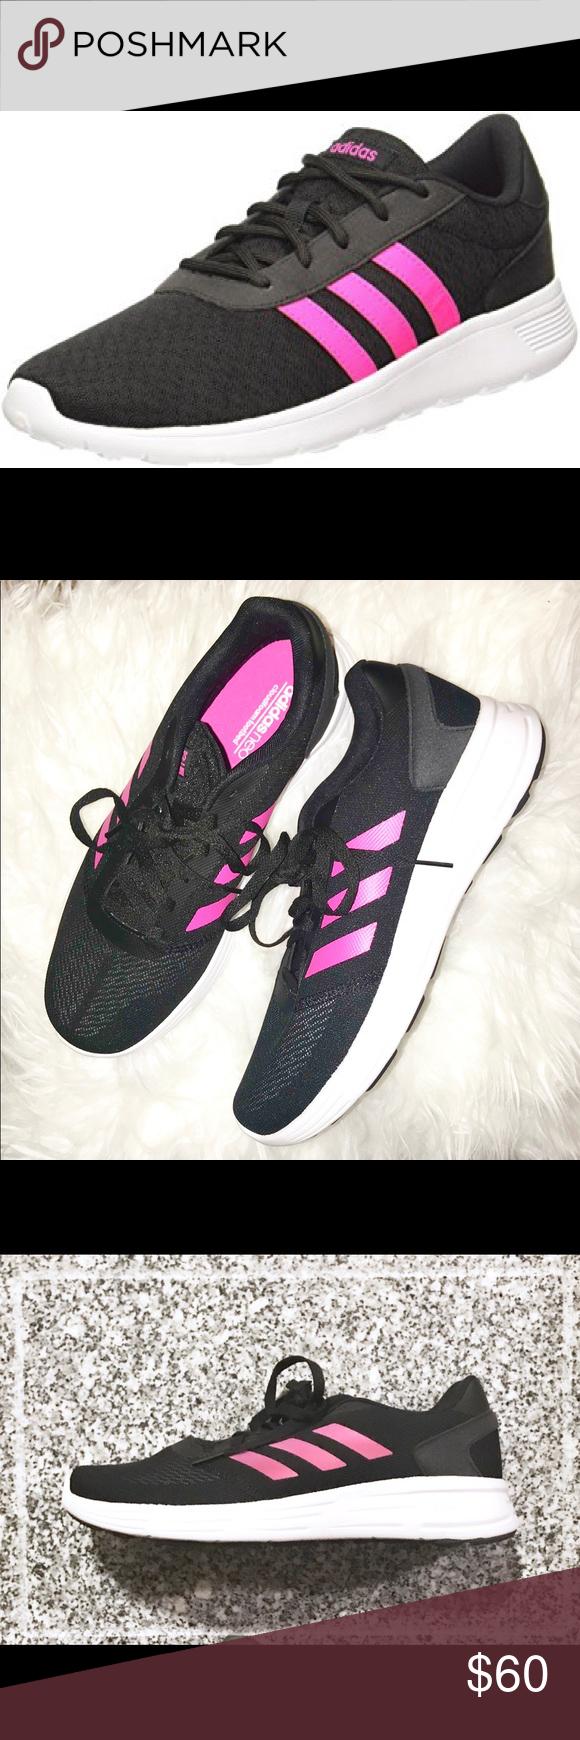 Adidas neo lite racer in scatola rosa accenti, adidas e atletica